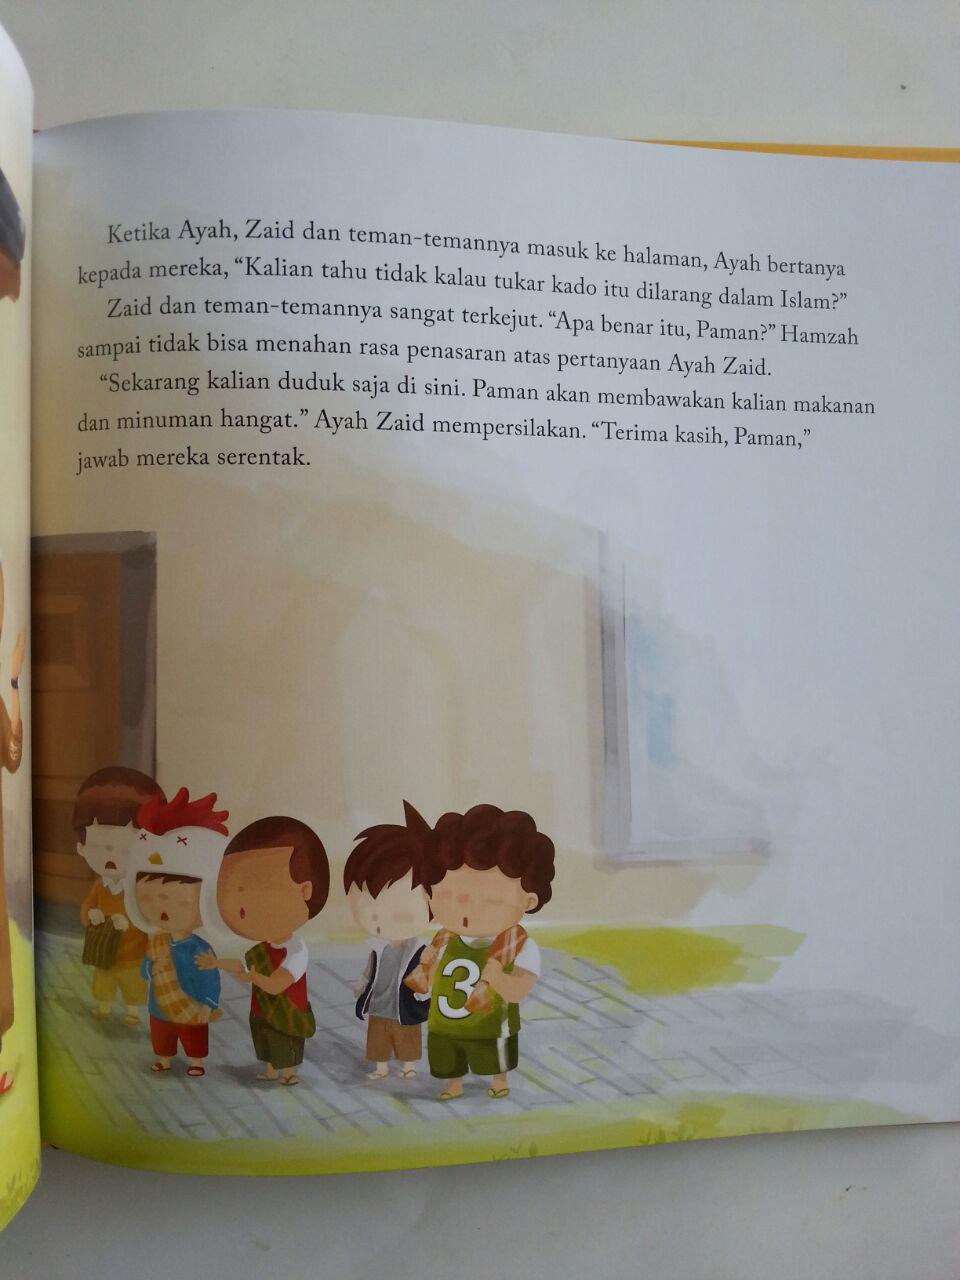 Buku Muamalah Untuk Anak Jual Beli Yang Terlarang isi 2